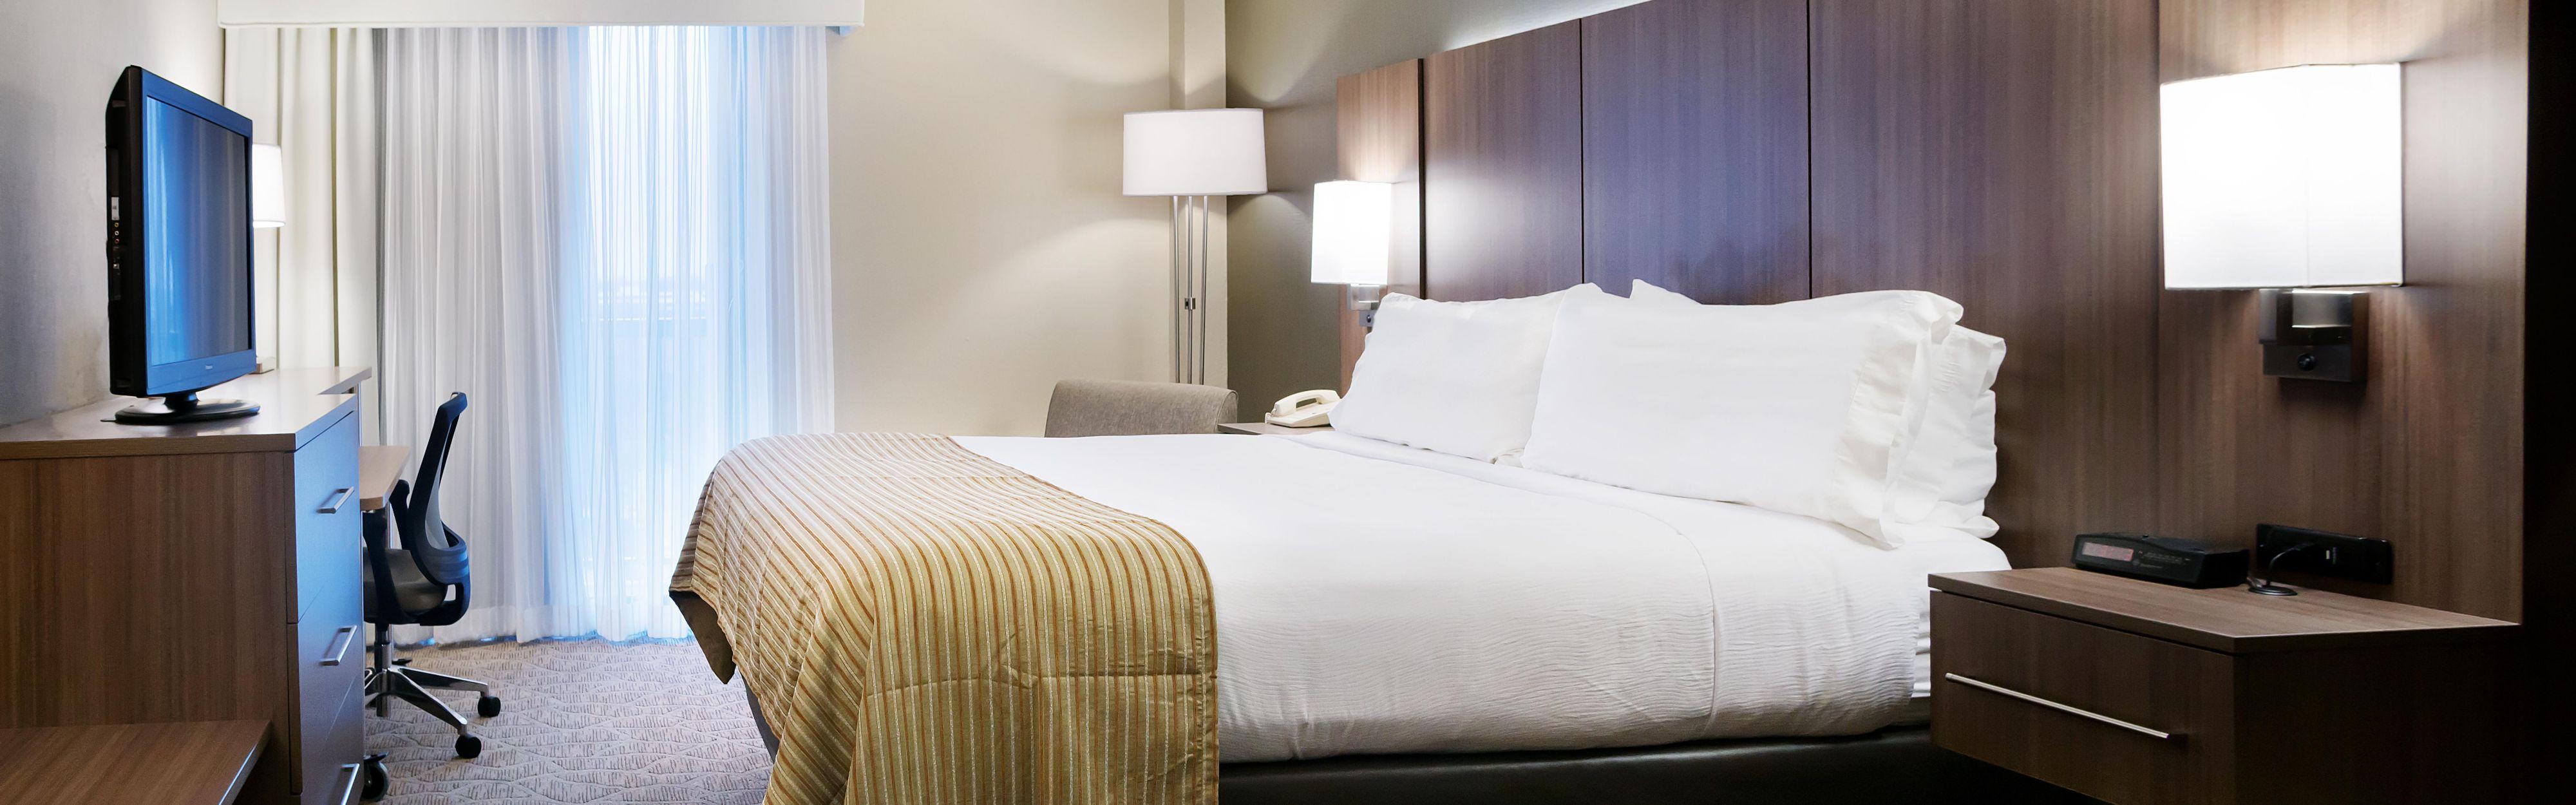 Holiday Inn Nashville-Vanderbilt (Dwtn) image 1